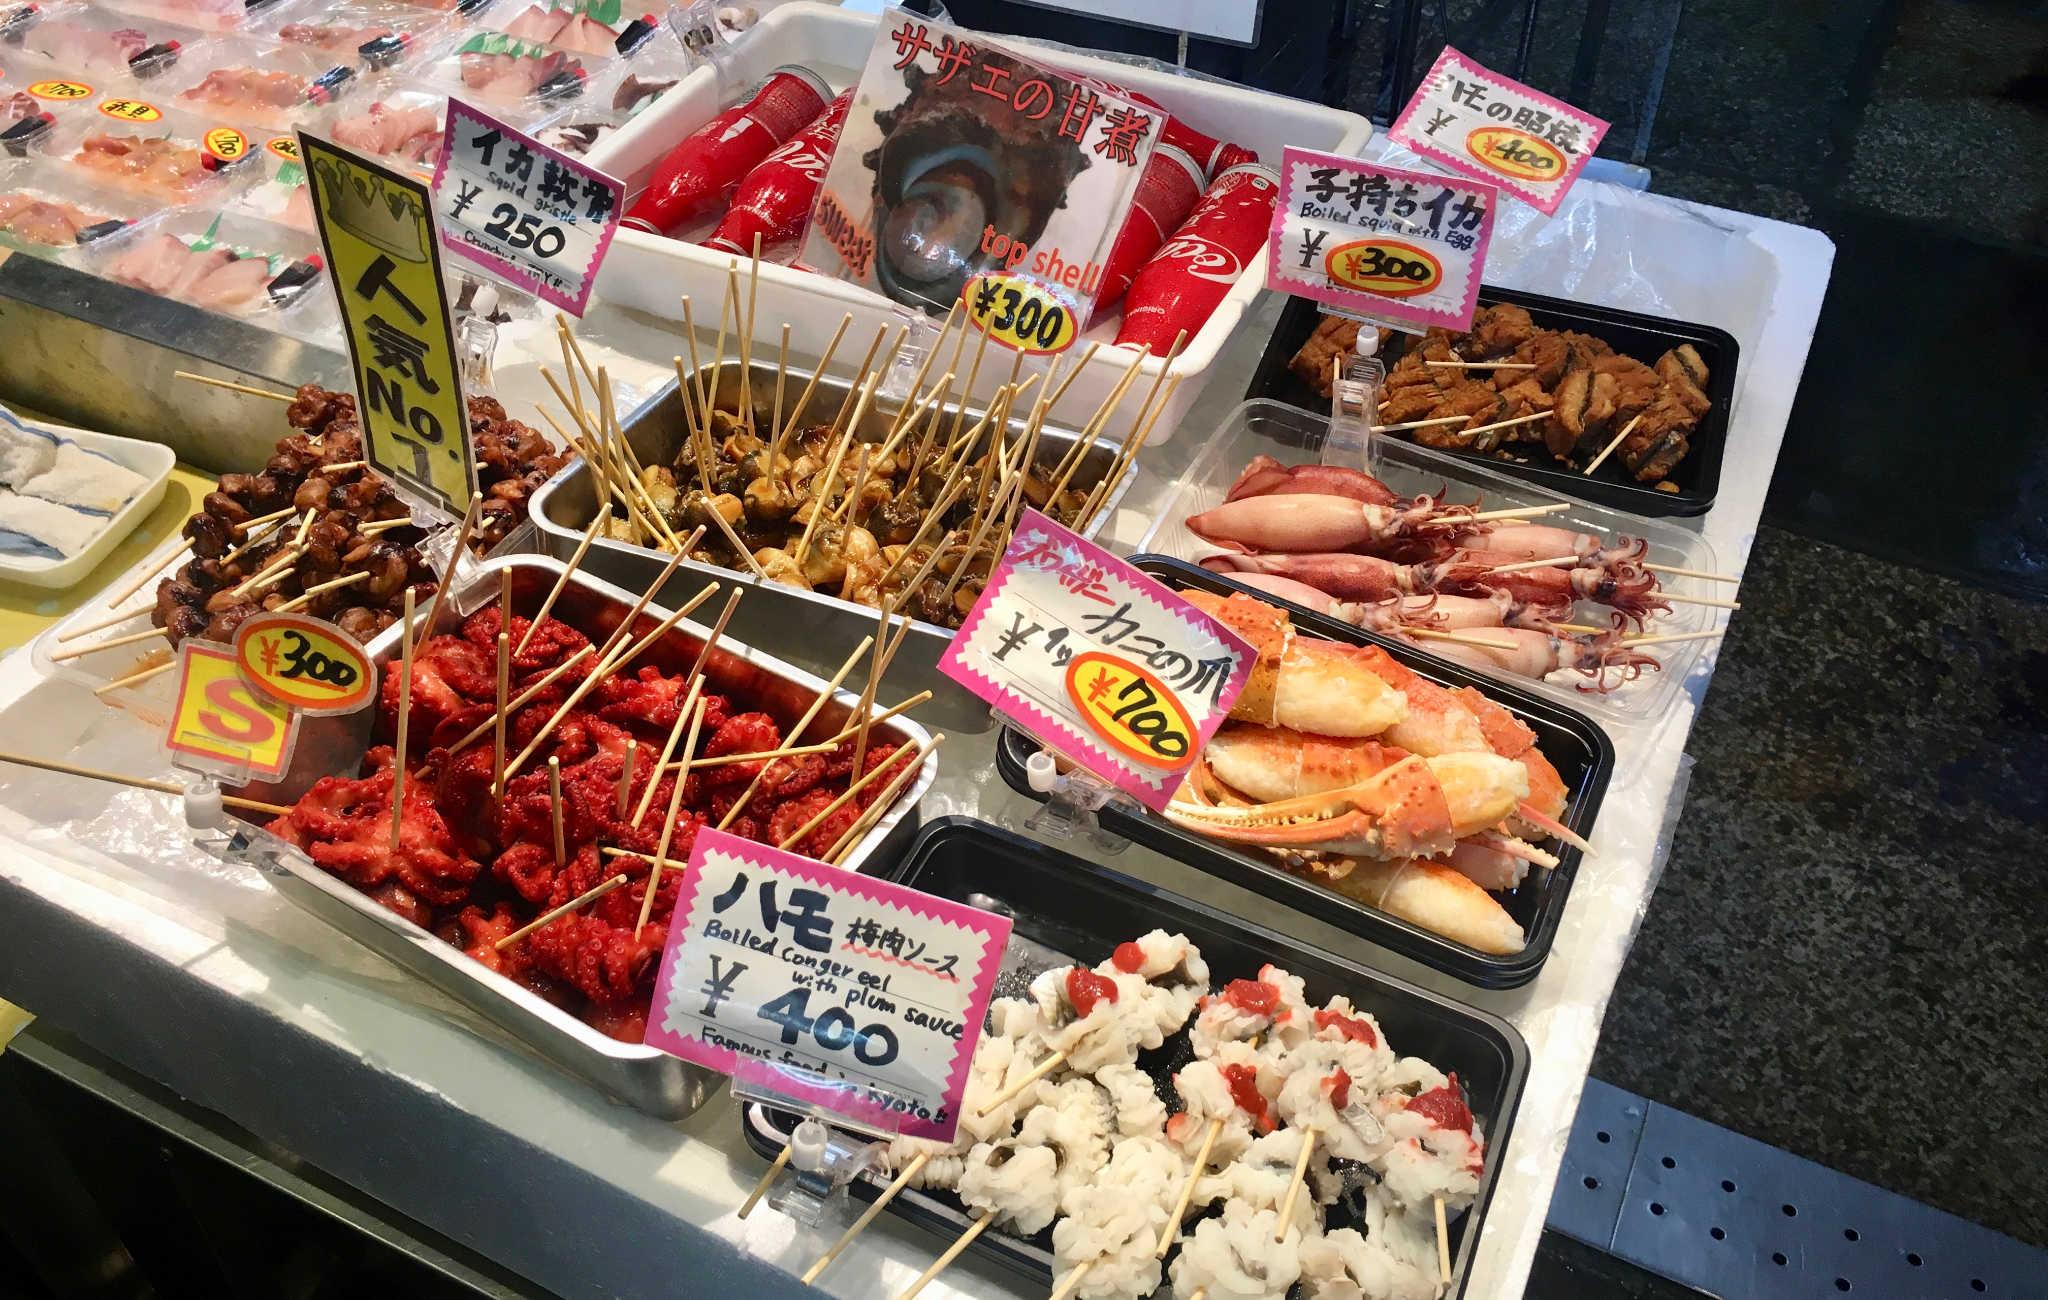 Du poulpe et autres crustacés